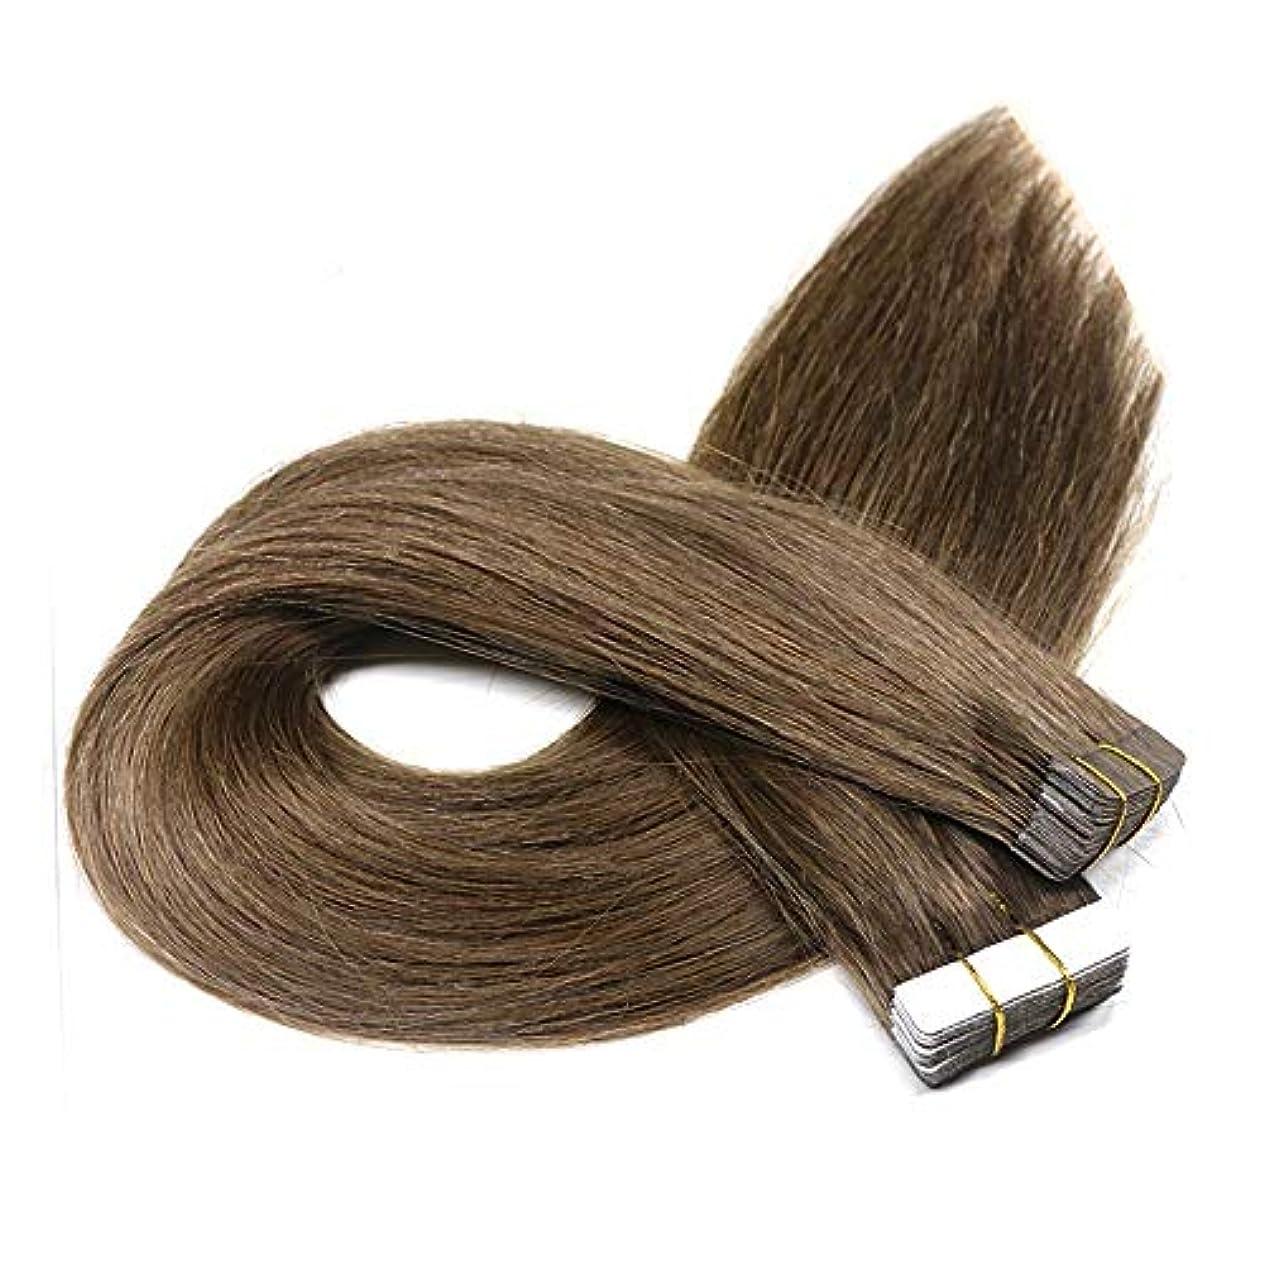 ルート害虫合計WASAIO ヘアエクステンションクリップ人間でシームレスな髪型テープ - 100%未処理のレミーストレート横糸モトリー?ブラウンセンブランス (色 : ブラウン, サイズ : 28 inch)